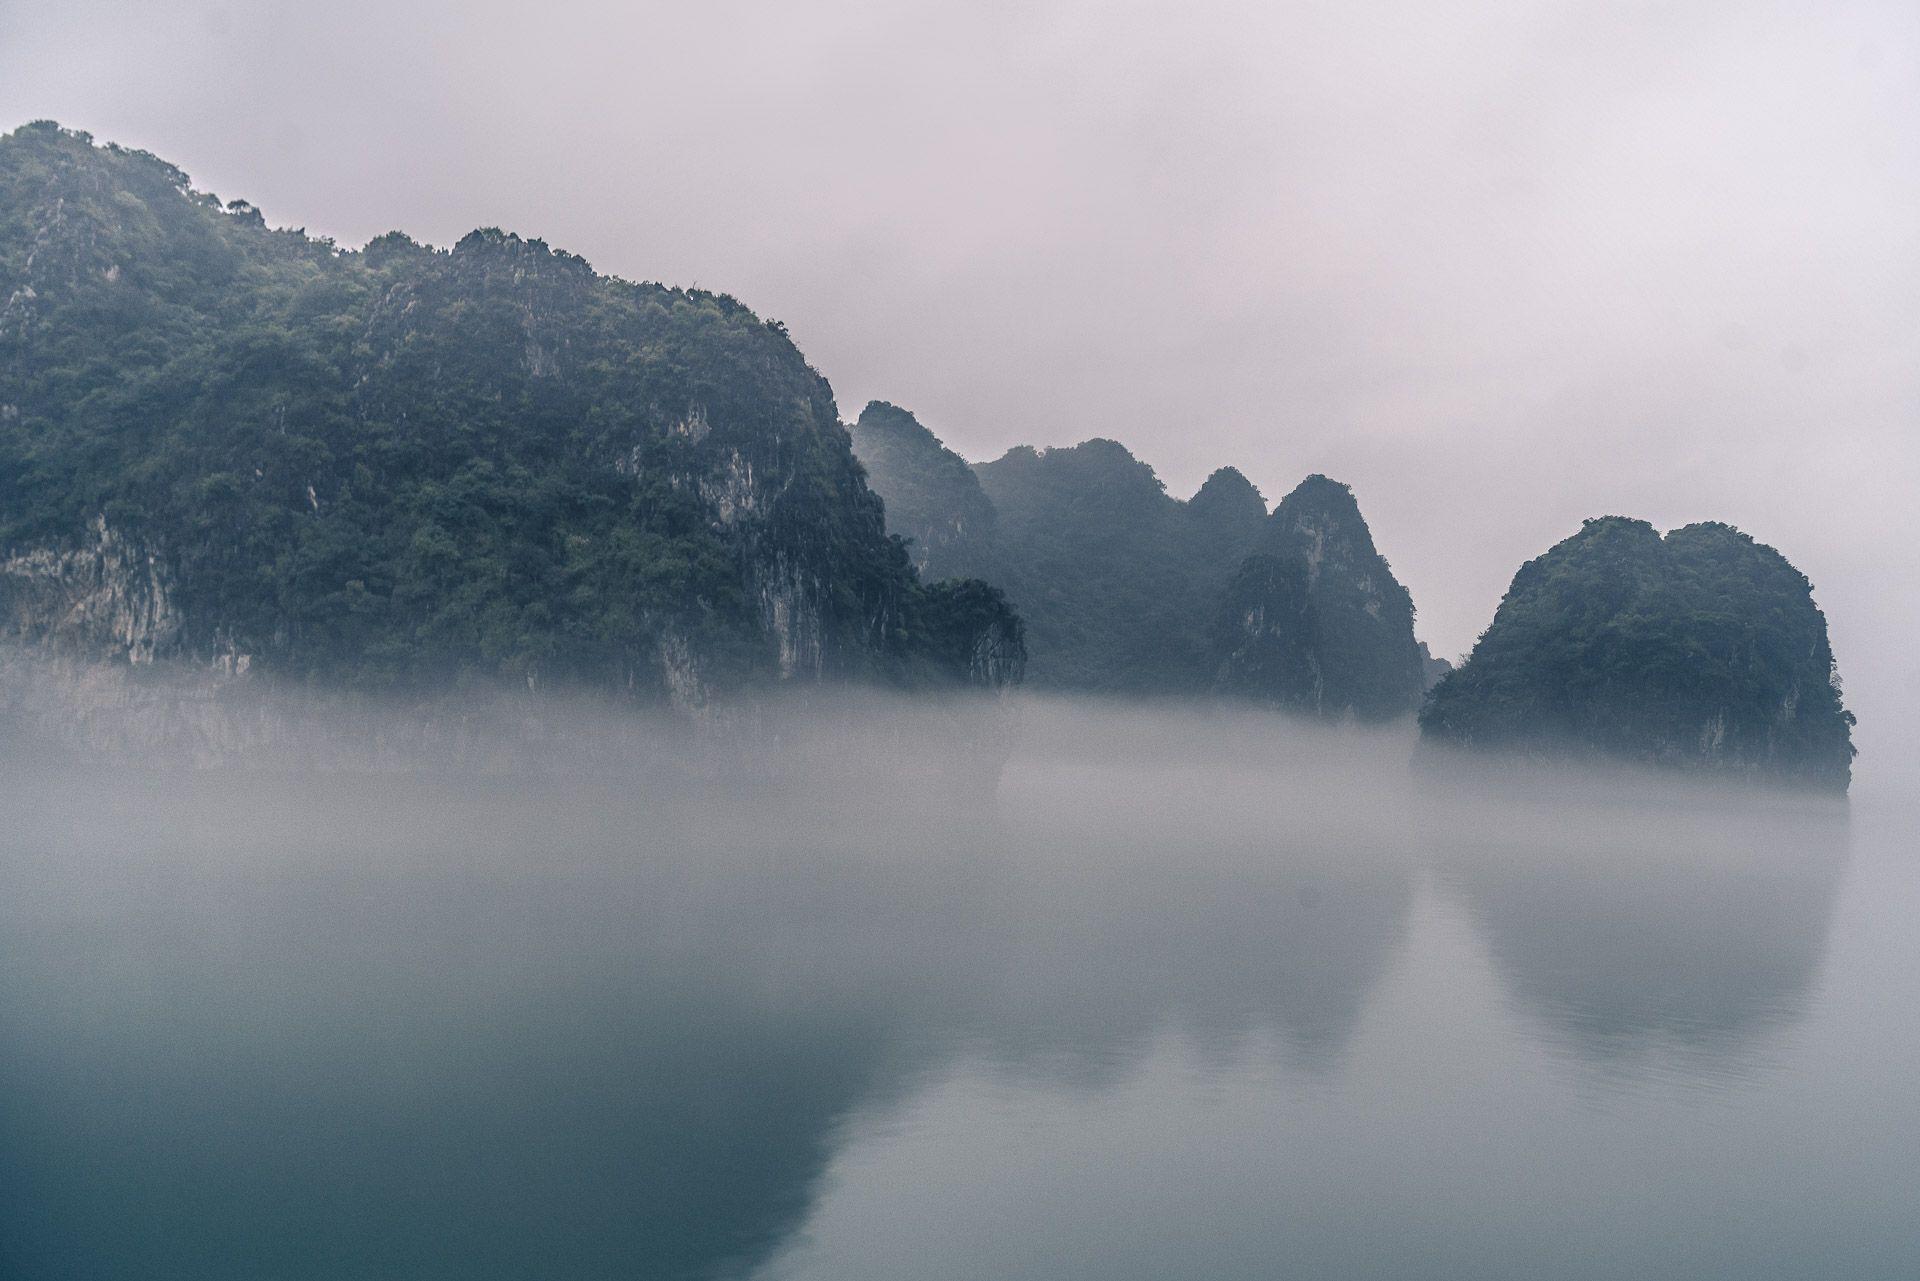 lesvoyageuses-croisiere-a-ha-long-bay-vietnam-33